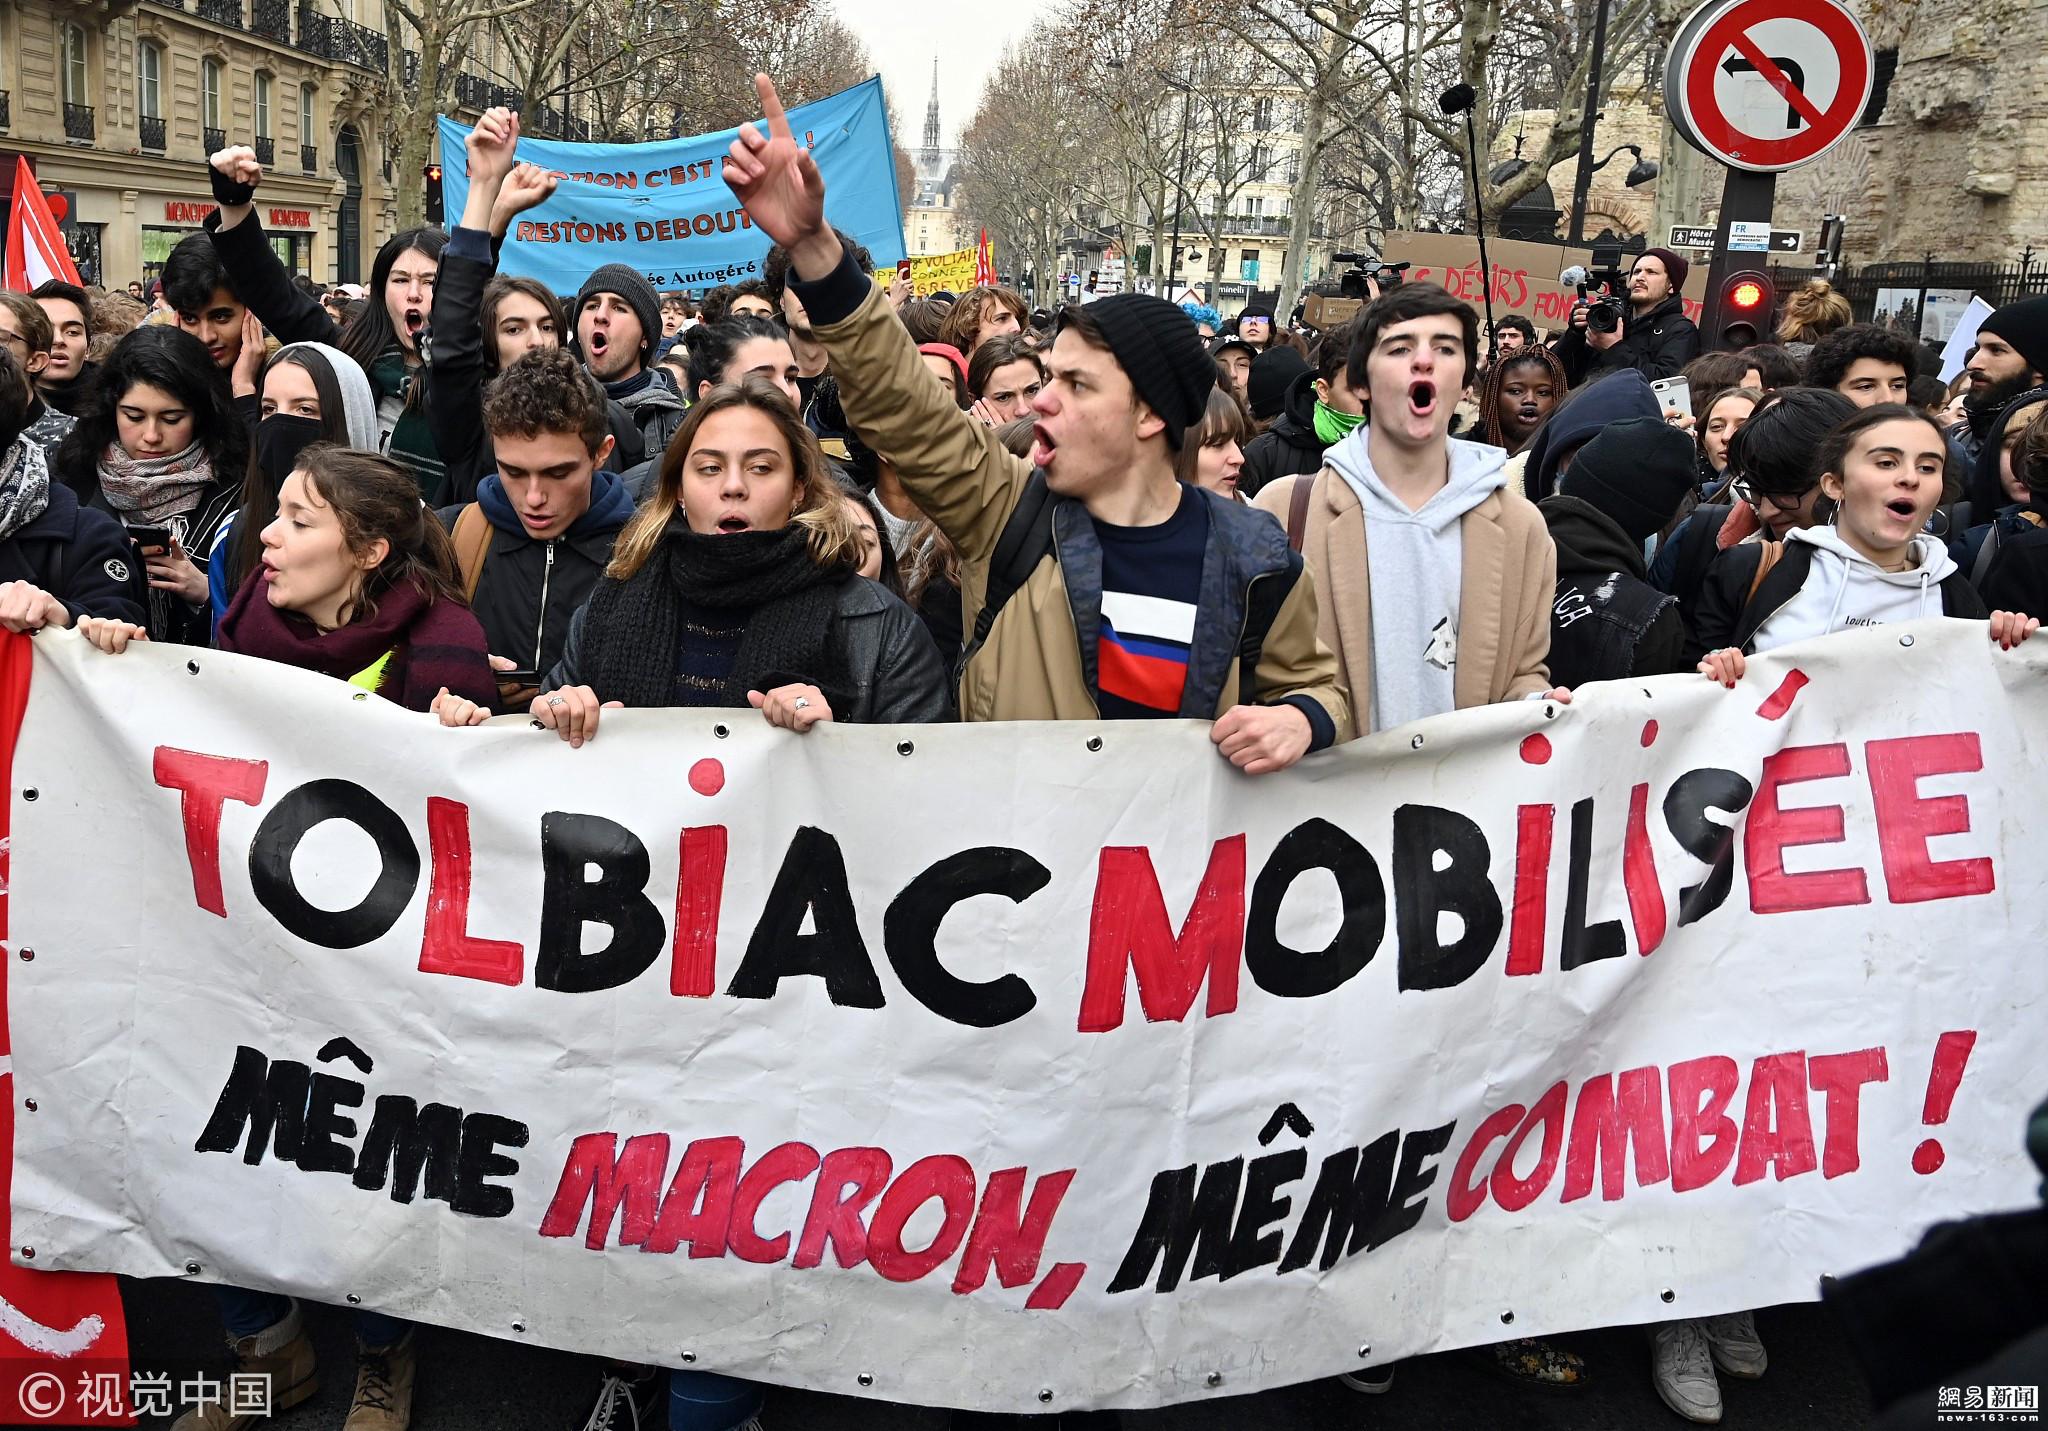 雷斯特论坛 法国学生抗议教育改革 走上街头示威游行